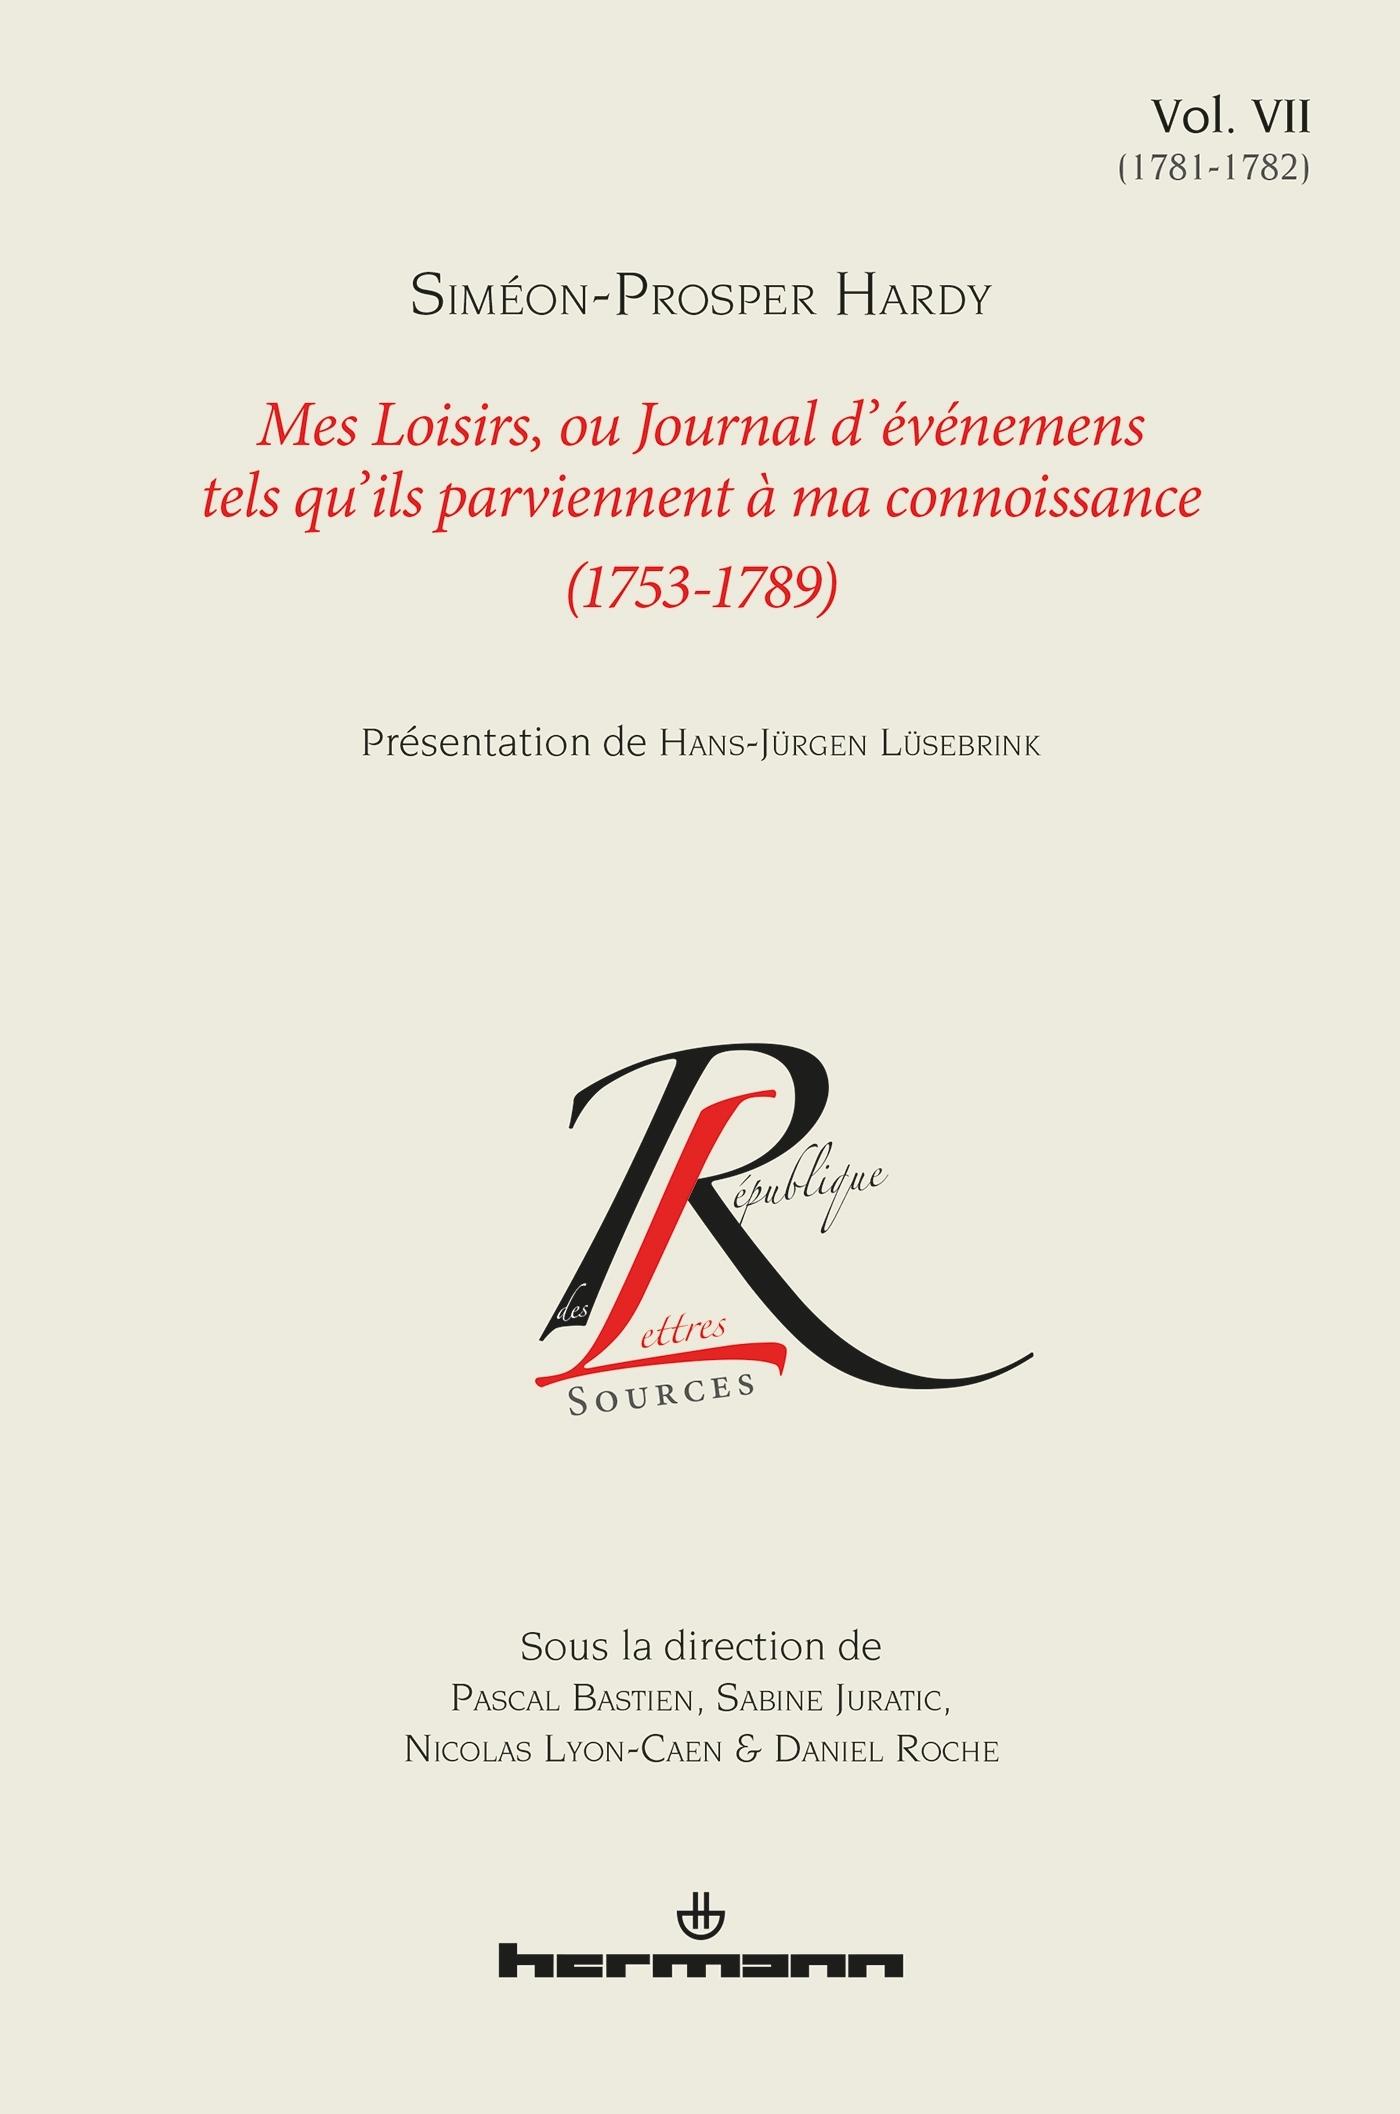 MES LOISIRS, OU JOURNAL D'EVENEMENS TELS QU'ILS PARVIENNENT A MA CONNOISSANCE (1753-1789)%